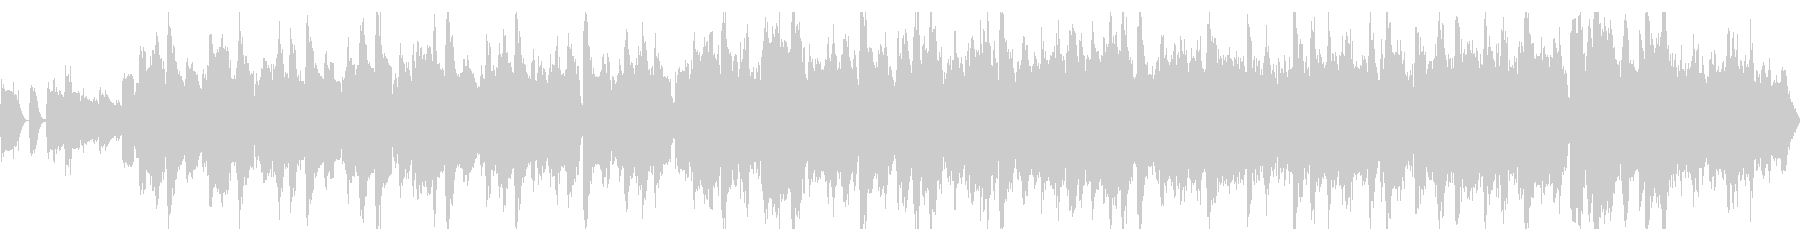 ベースなし・ループの未再生の波形